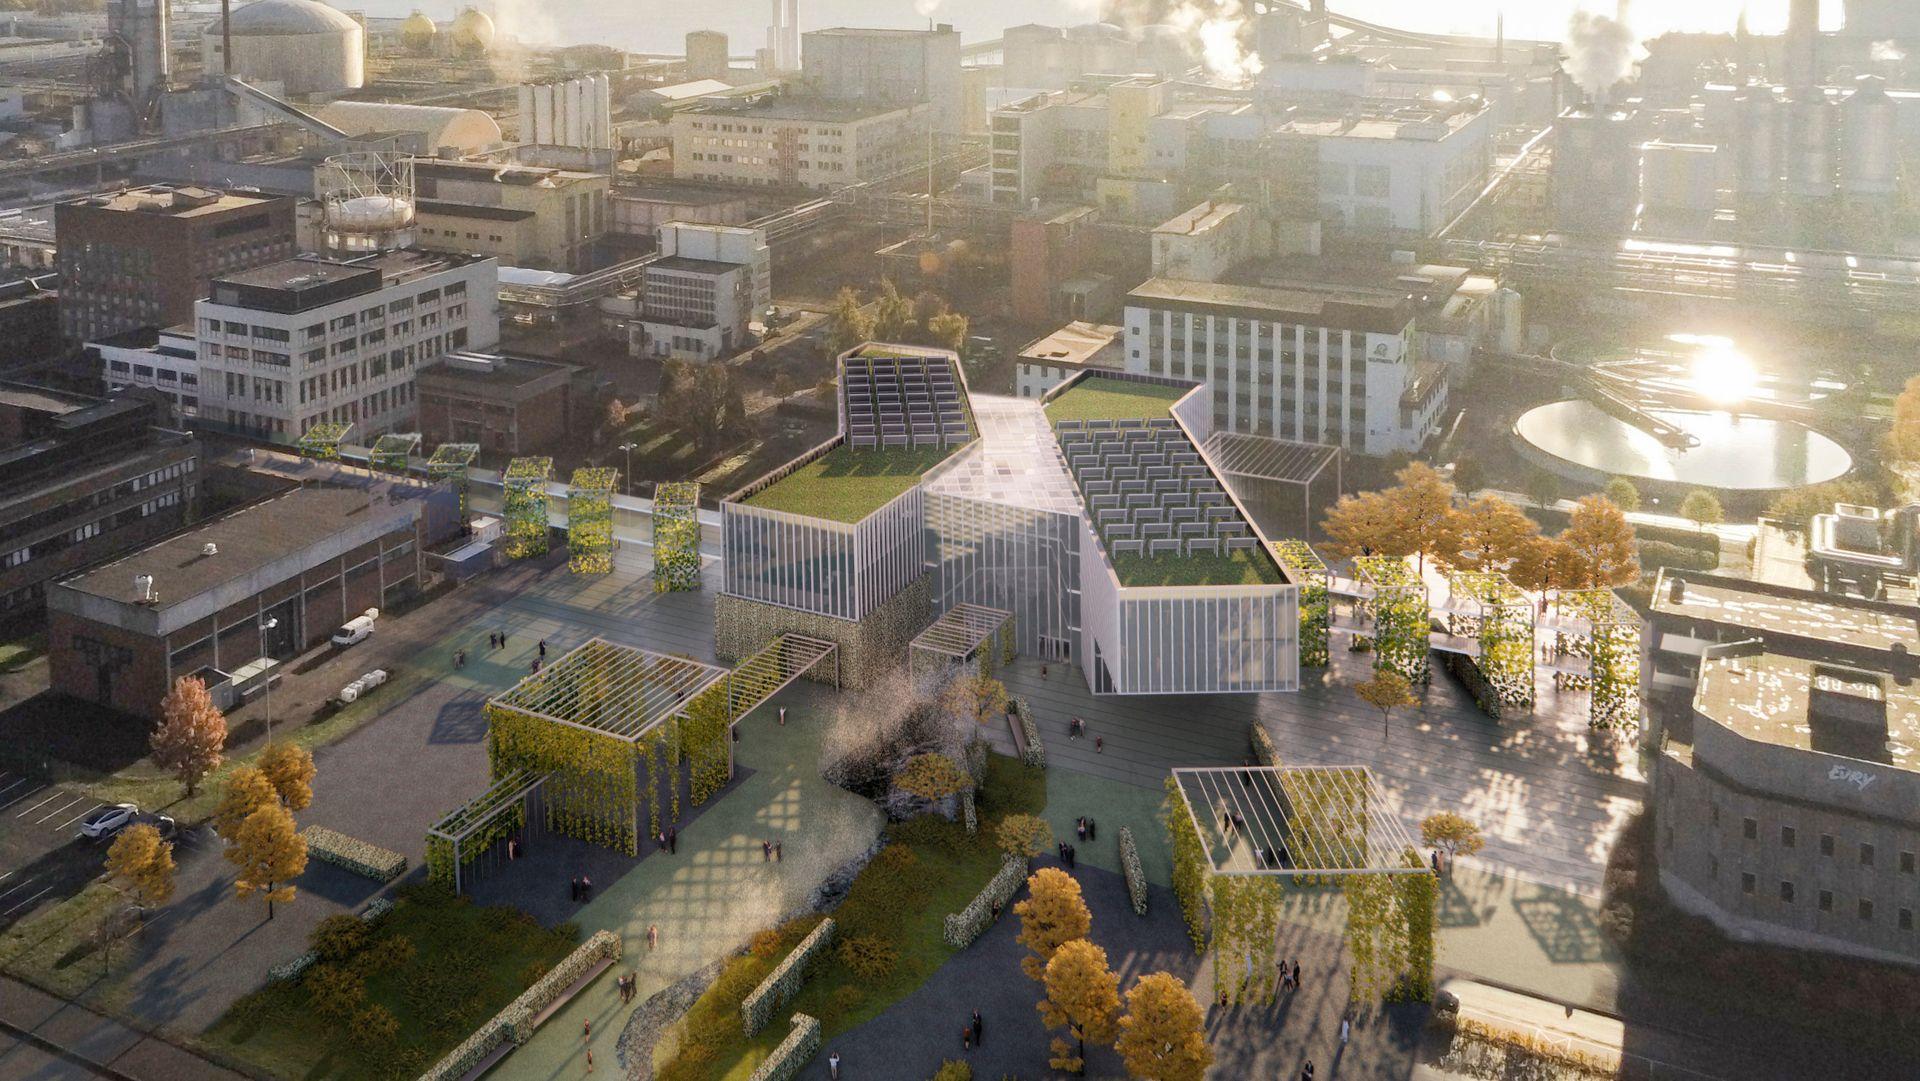 Herøya Industripark AS utvider og bygger Seidr, et større sted for industriell innovasjon og teknologi i Norge. Arkitektskisse av Børve Borchsenius Arkitekter AS og Arkitektgruppen Cubus AS.